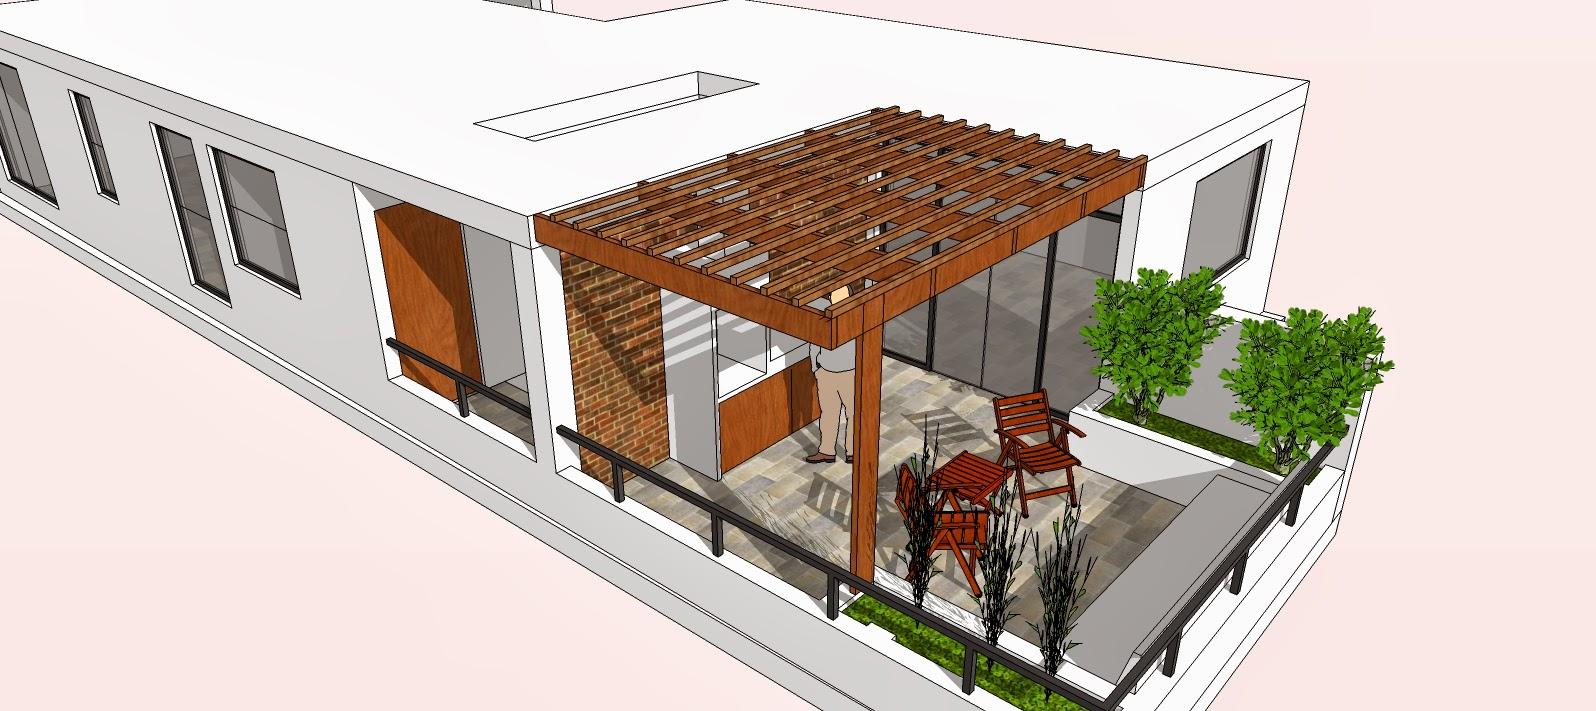 Cristian campos dise o previo dise o de terraza para - Diseno de terraza ...